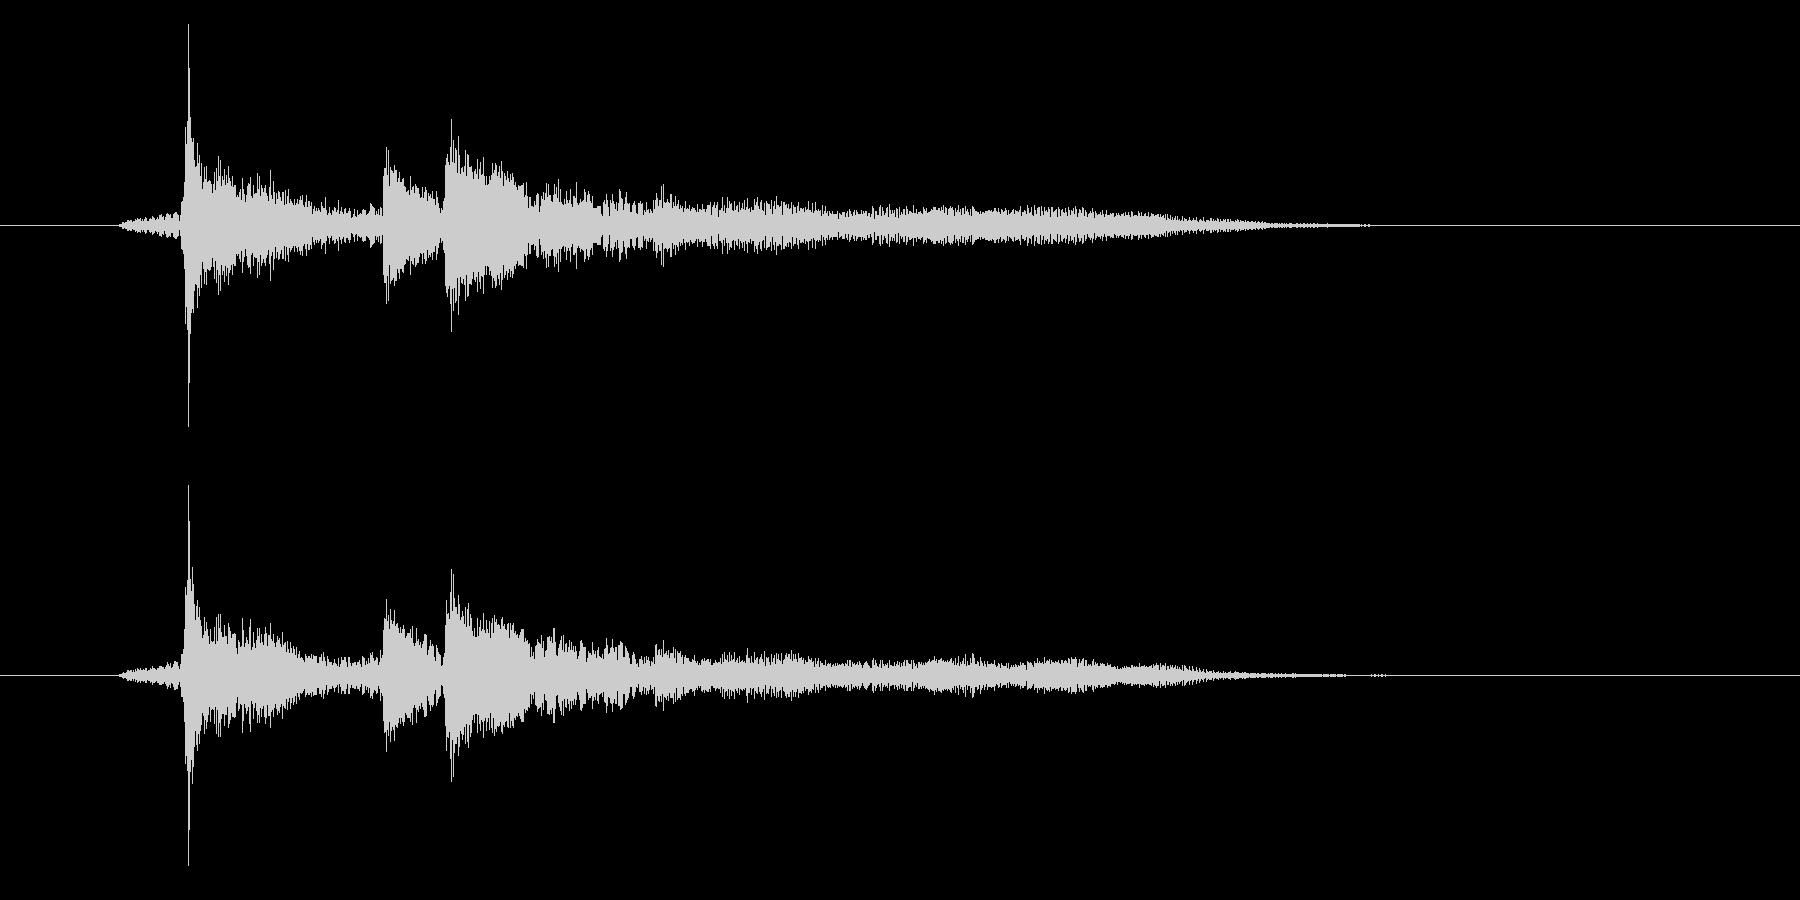 ゲームオーバーの音の未再生の波形